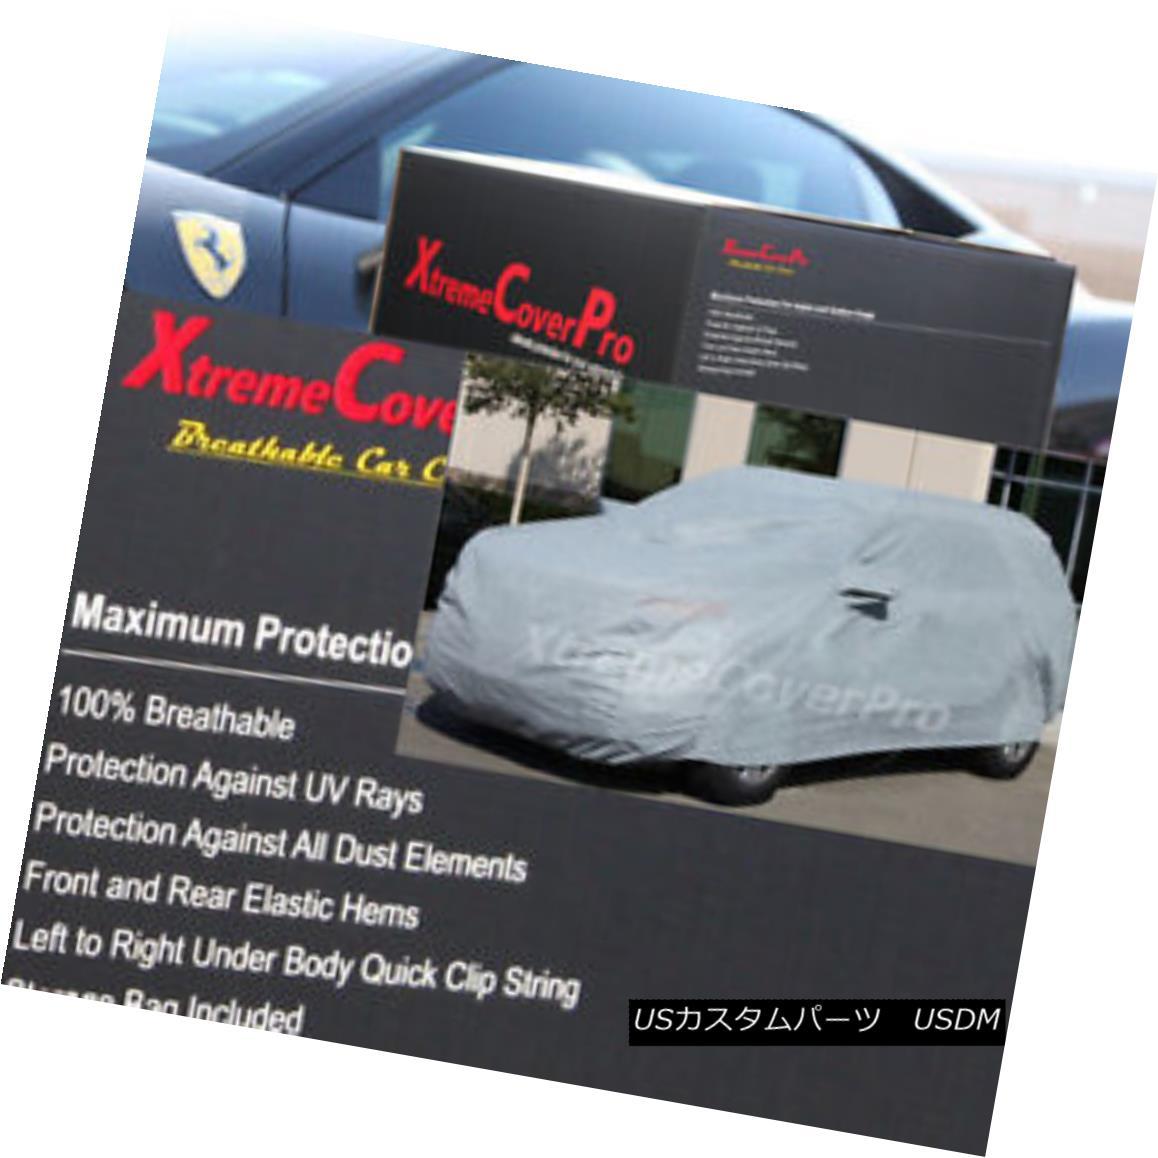 カーカバー 2015 LEXUS RX350 RX450H Breathable Car Cover w/Mirror Pockets - Gray 2015レクサスRX350 RX450H通気性車カバー付き/ミラーポケット - グレー